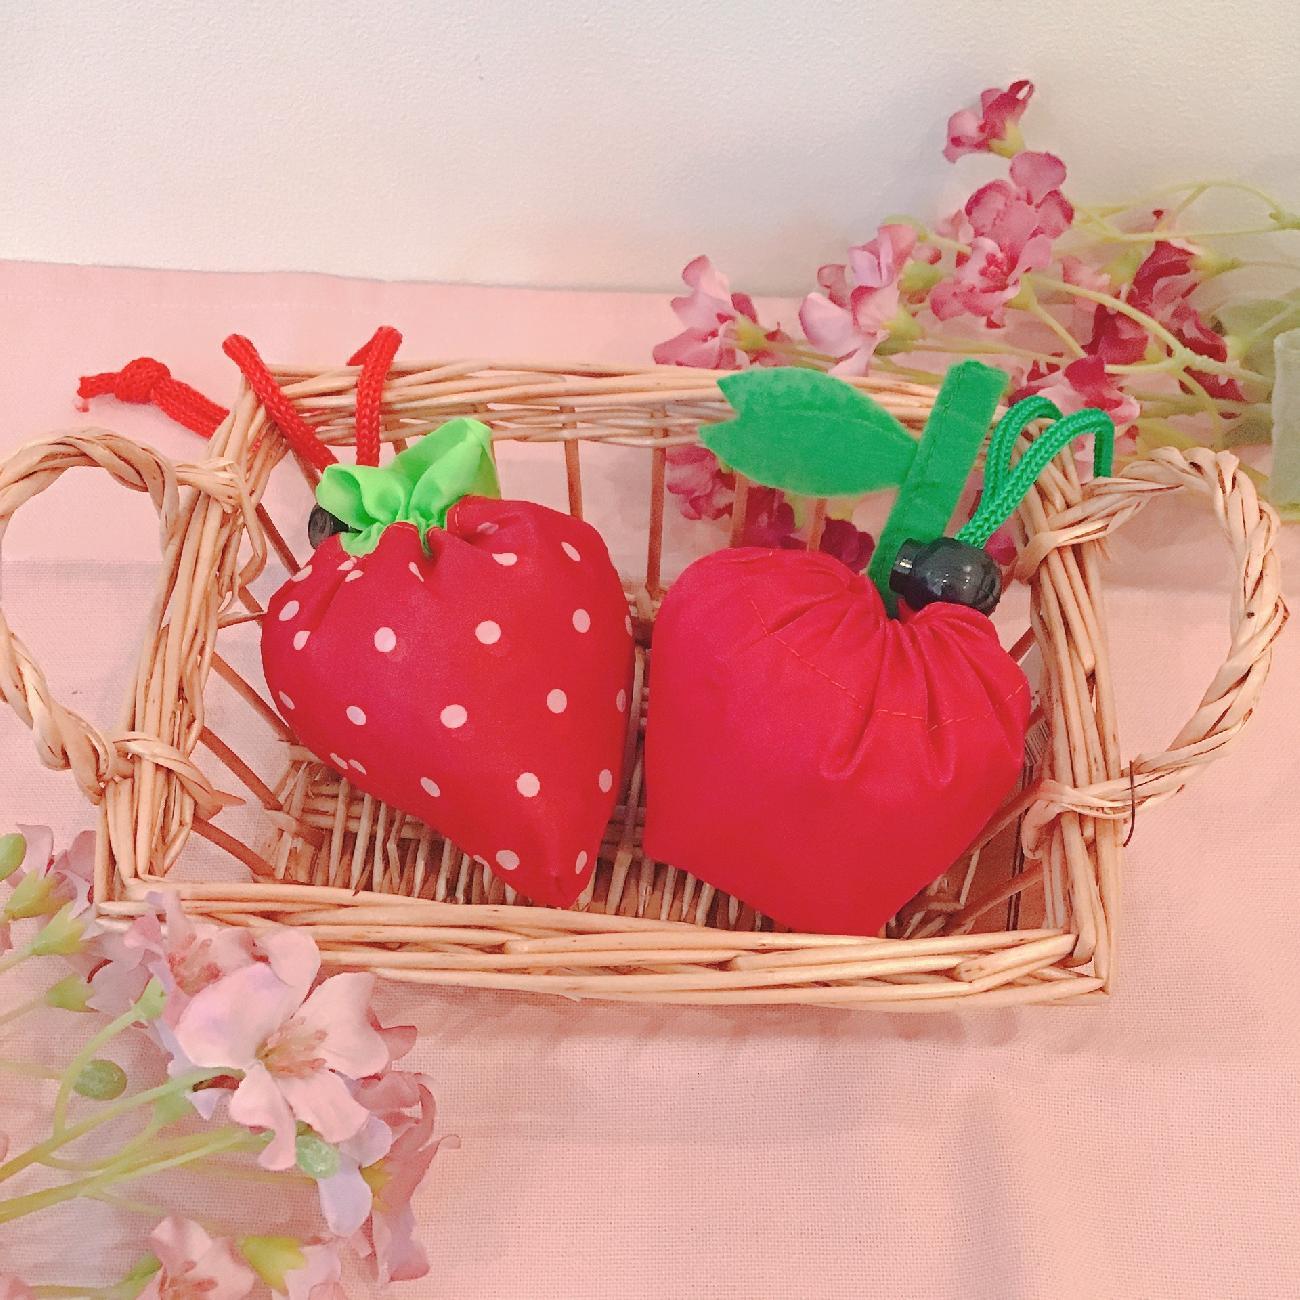 エコバッグ/いちご/りんご/可愛い/エコ/お買い物/フルーツ